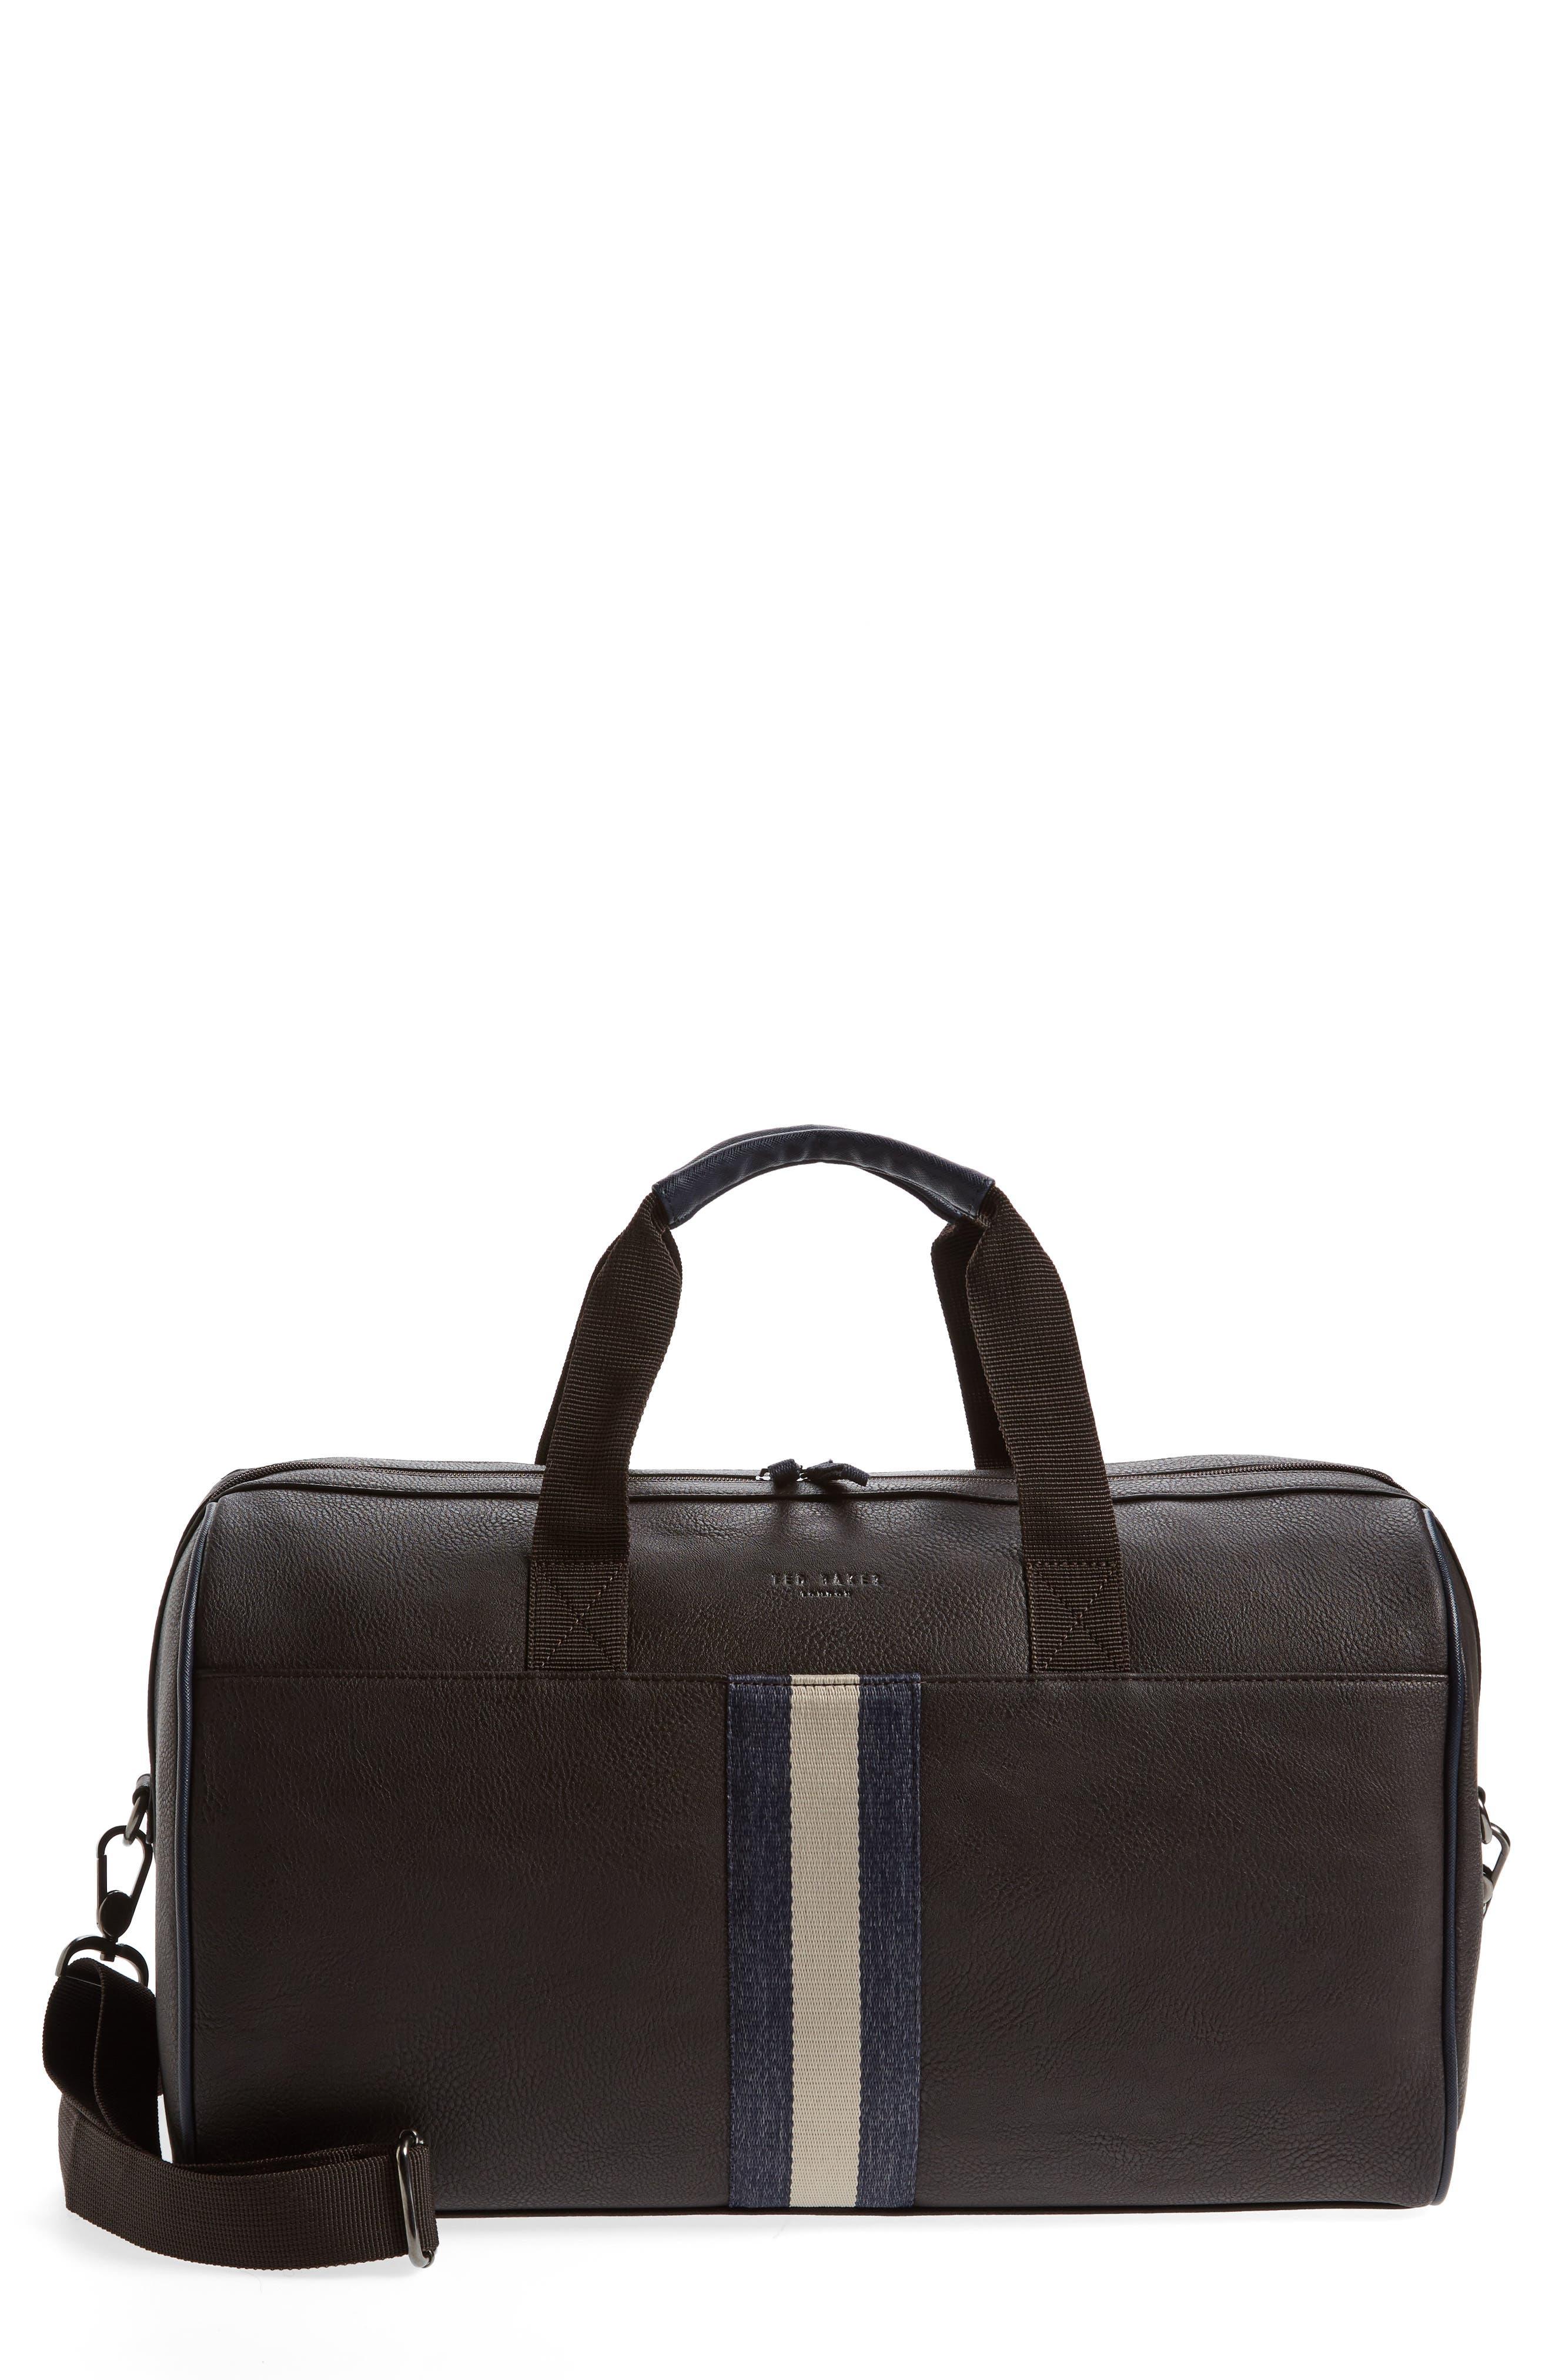 Ted Baker London Ospray Duffel Bag